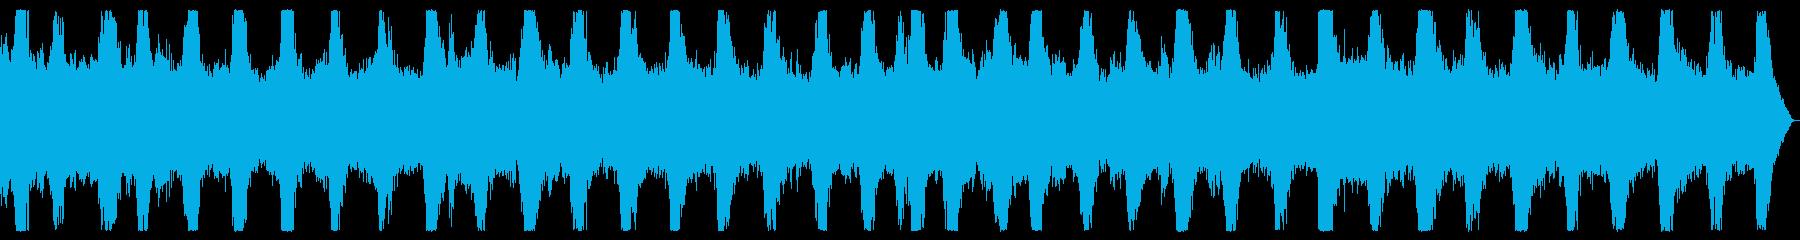 ダークアンビエント ノイズの入ったBGMの再生済みの波形